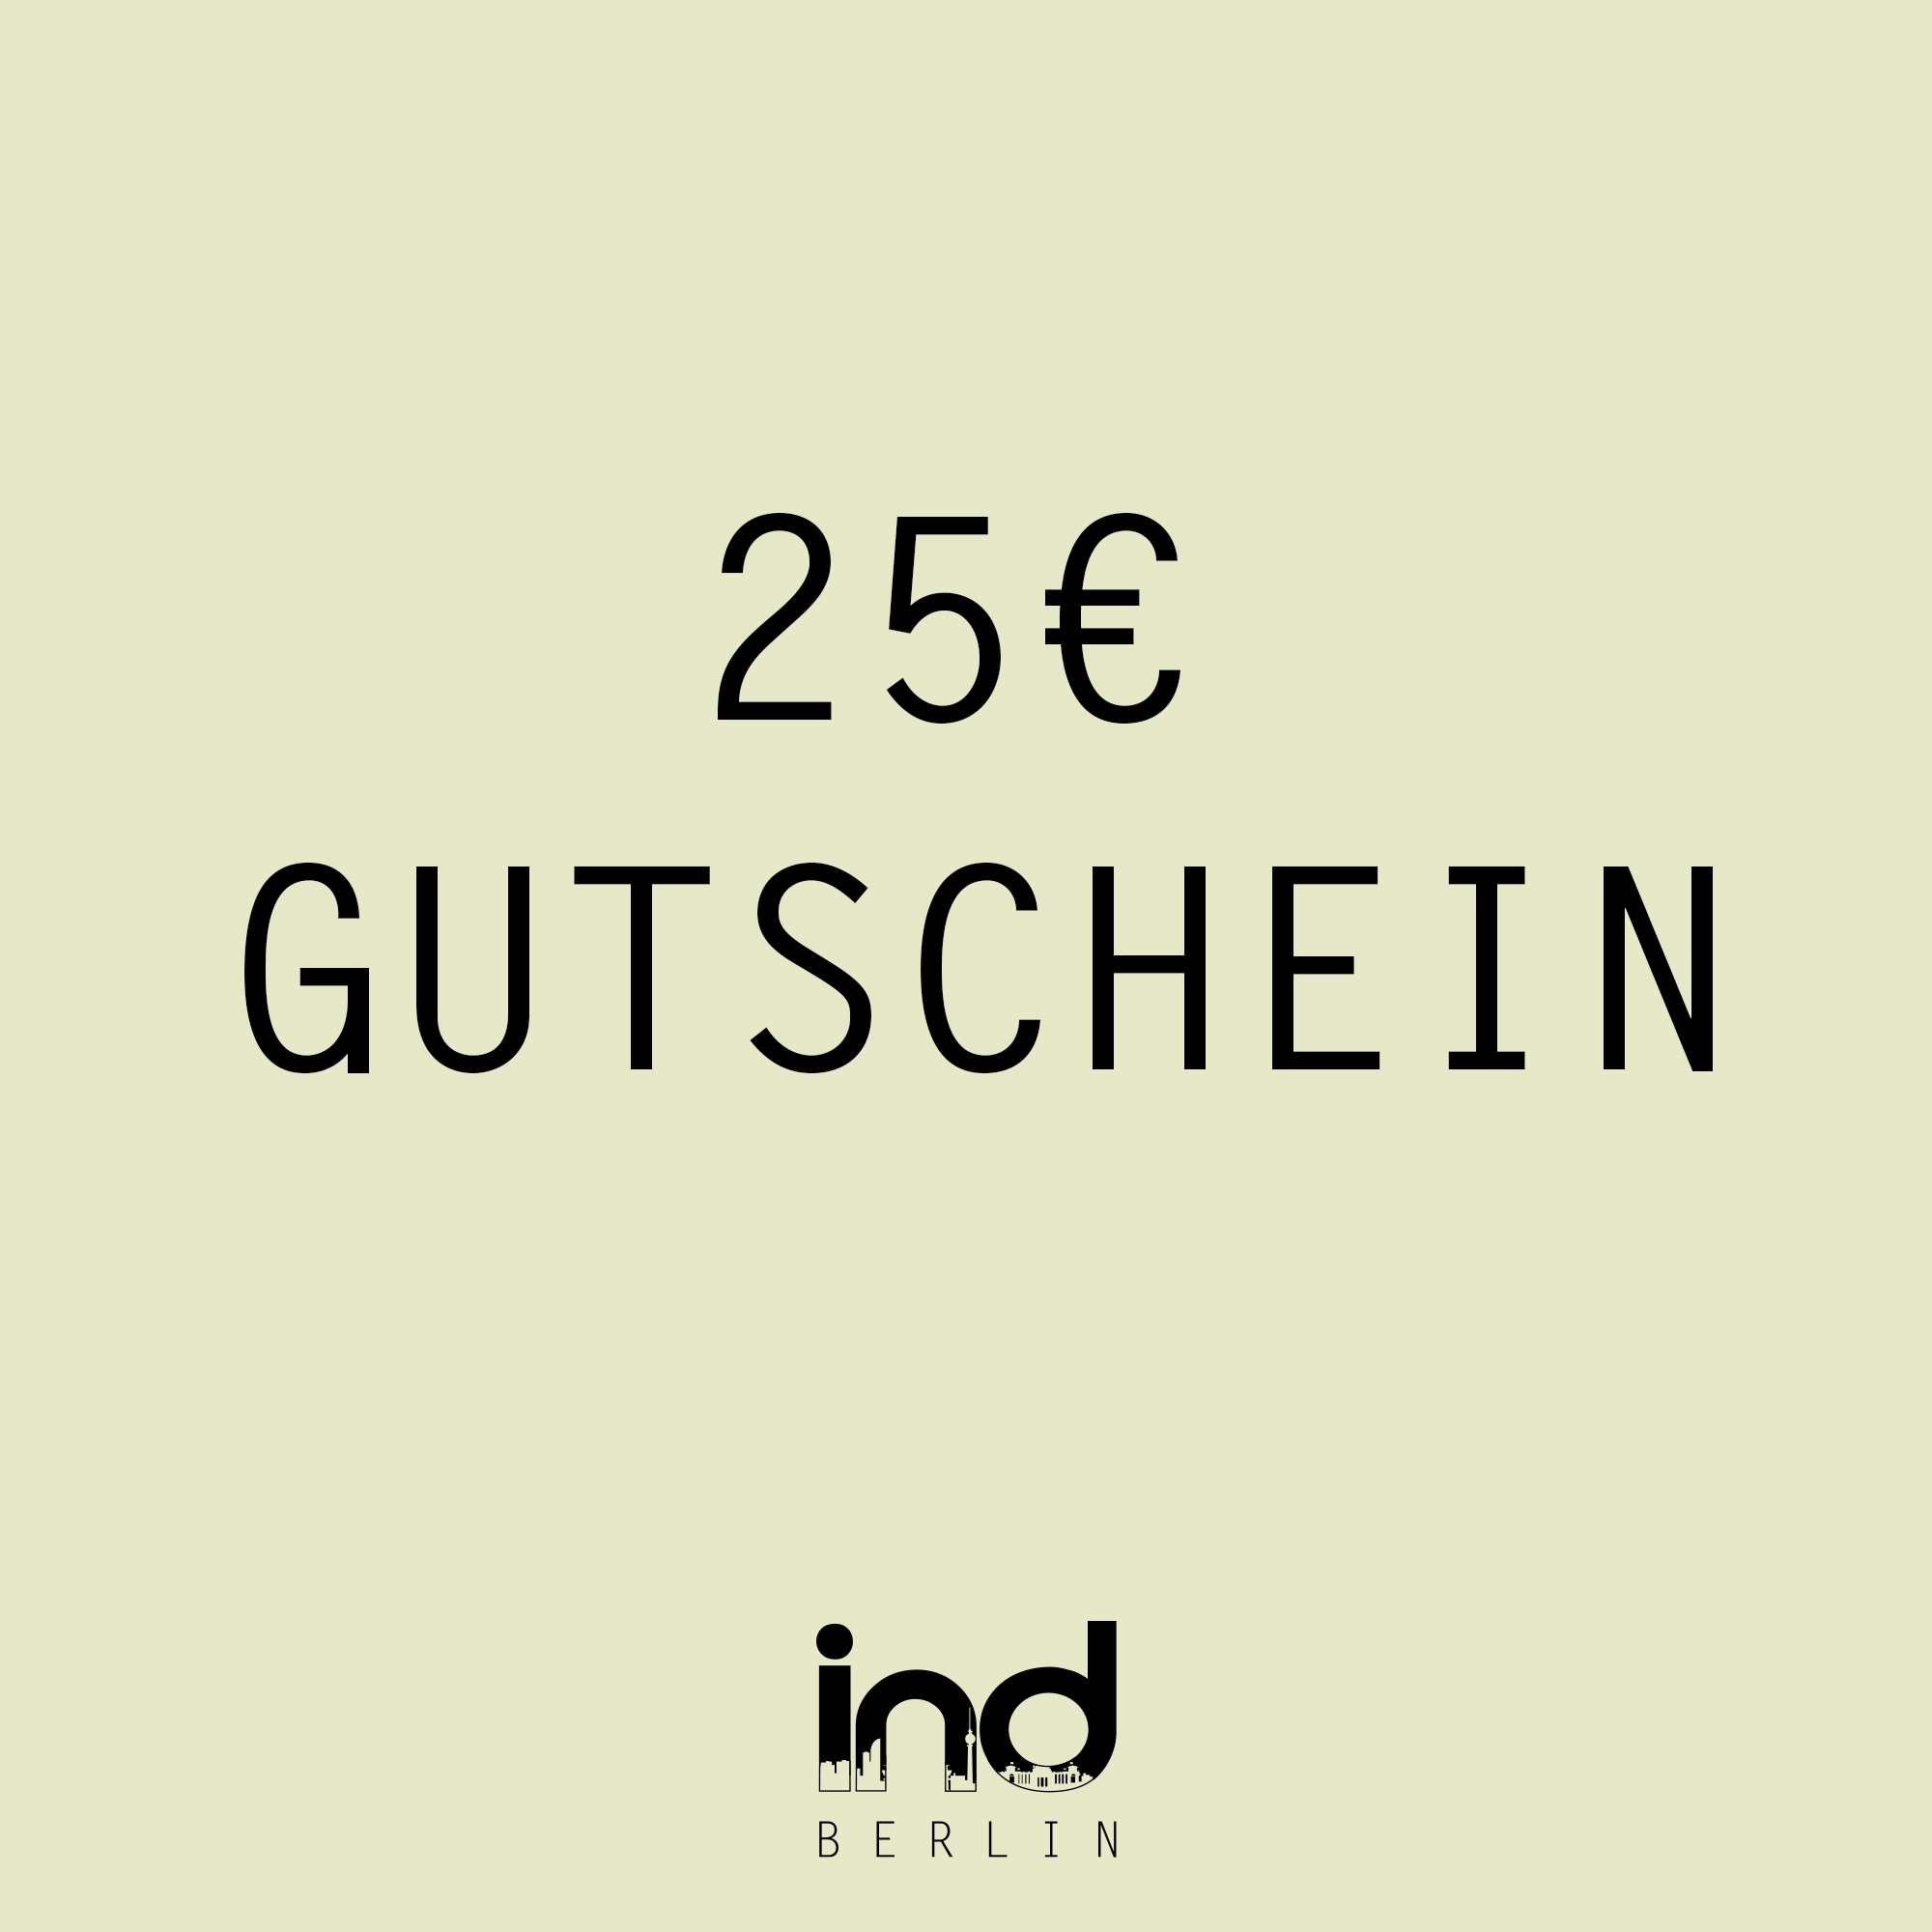 25€ Gutschein from IND-Berlin